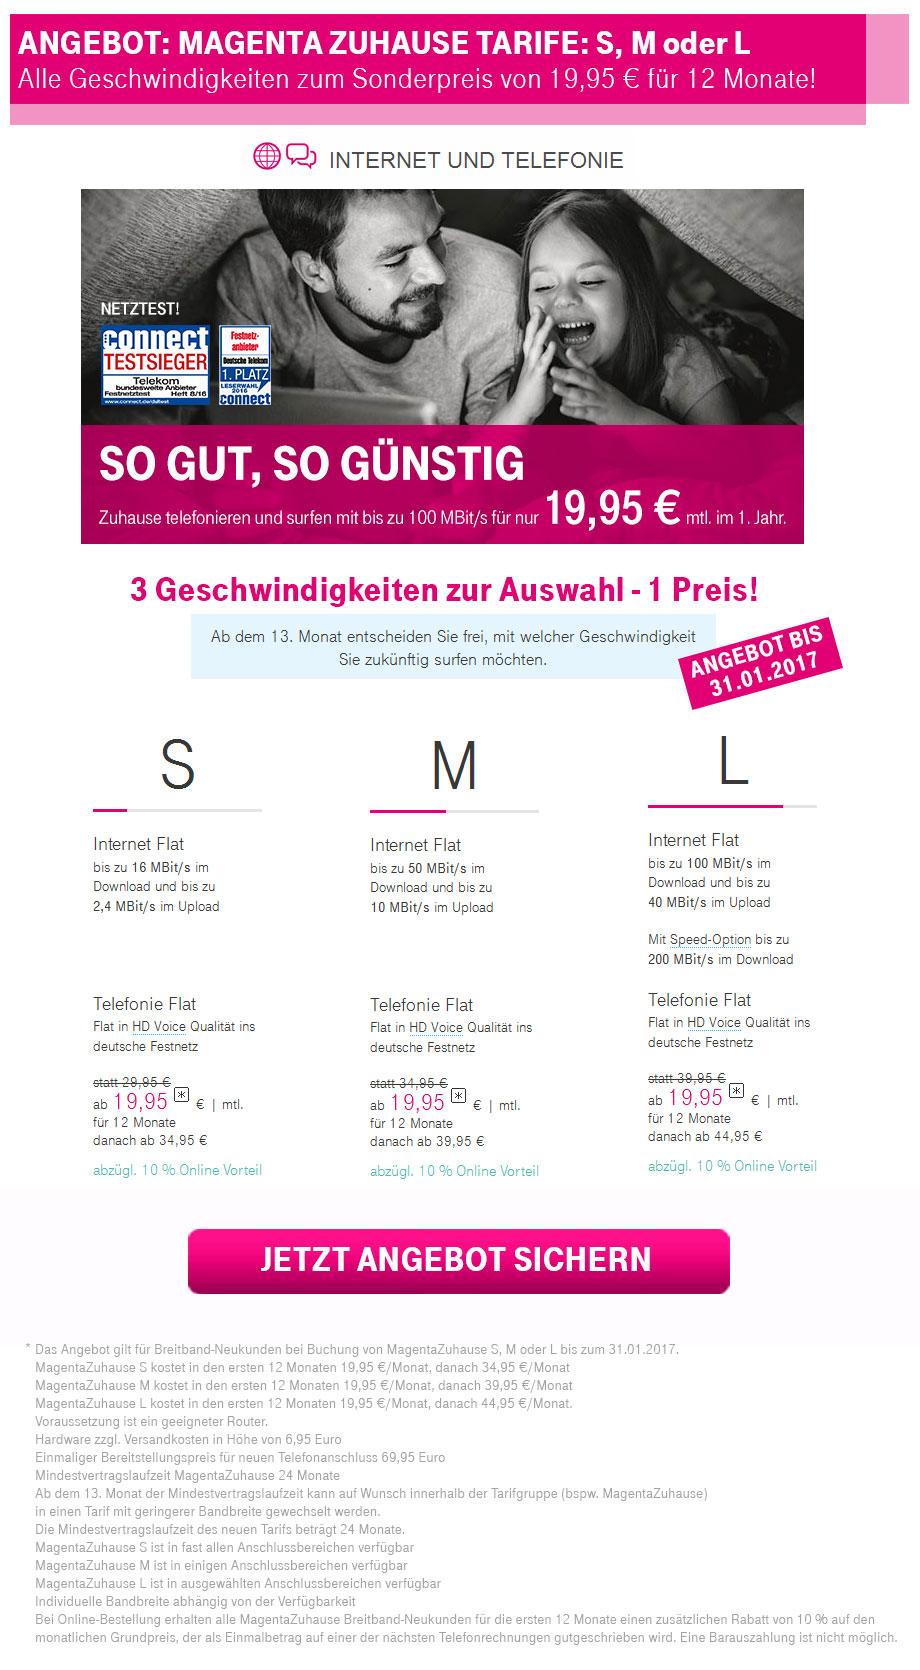 Magenta Zuhause S, M oder L für nur 19,95 €